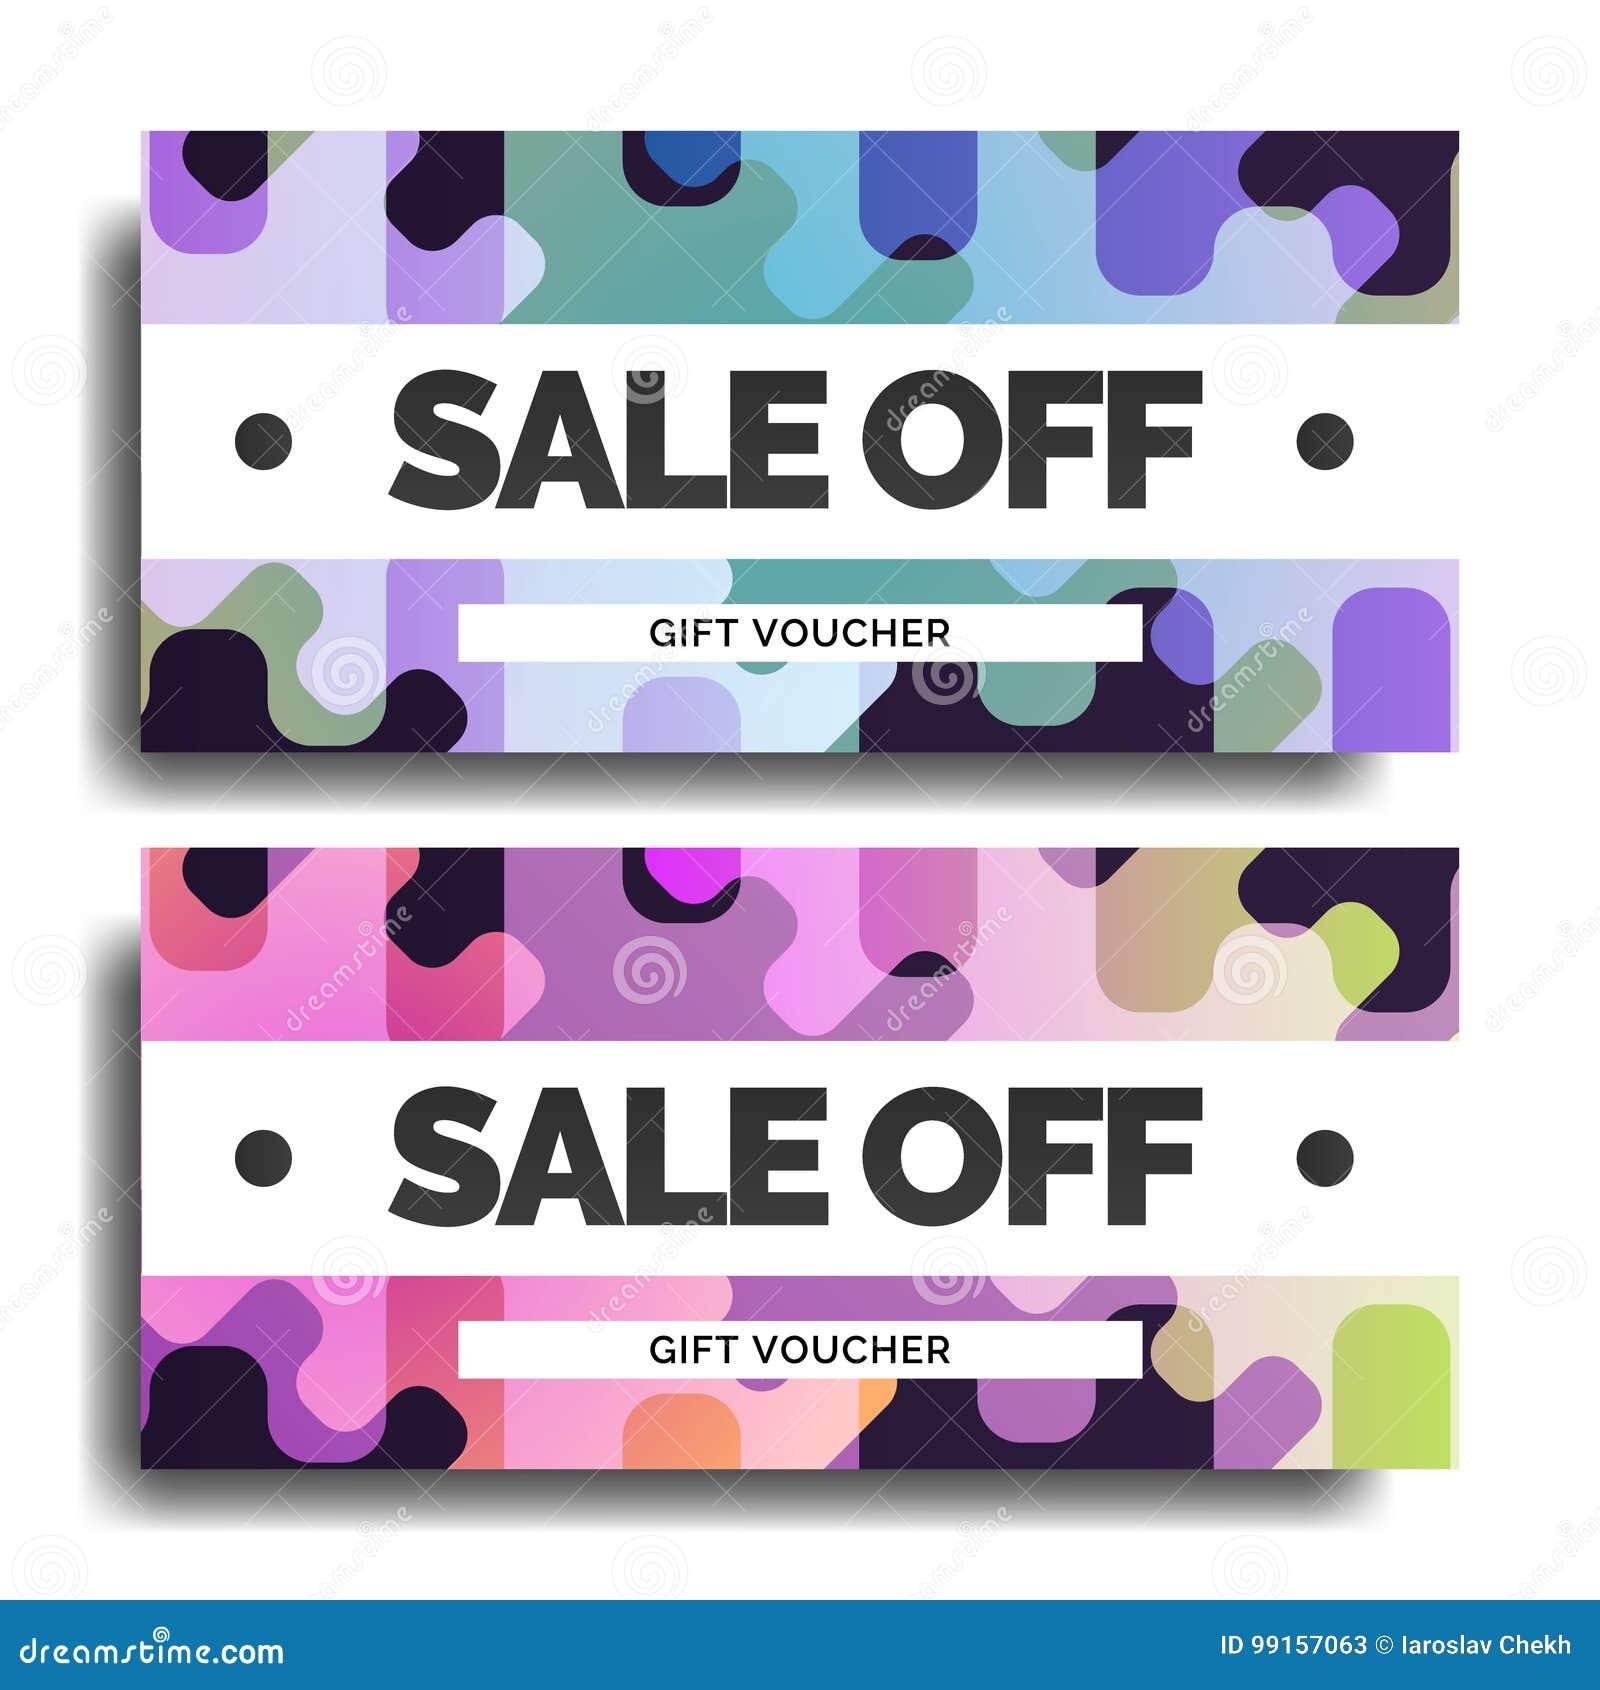 gift voucher design stock vector illustration of bill 99157063